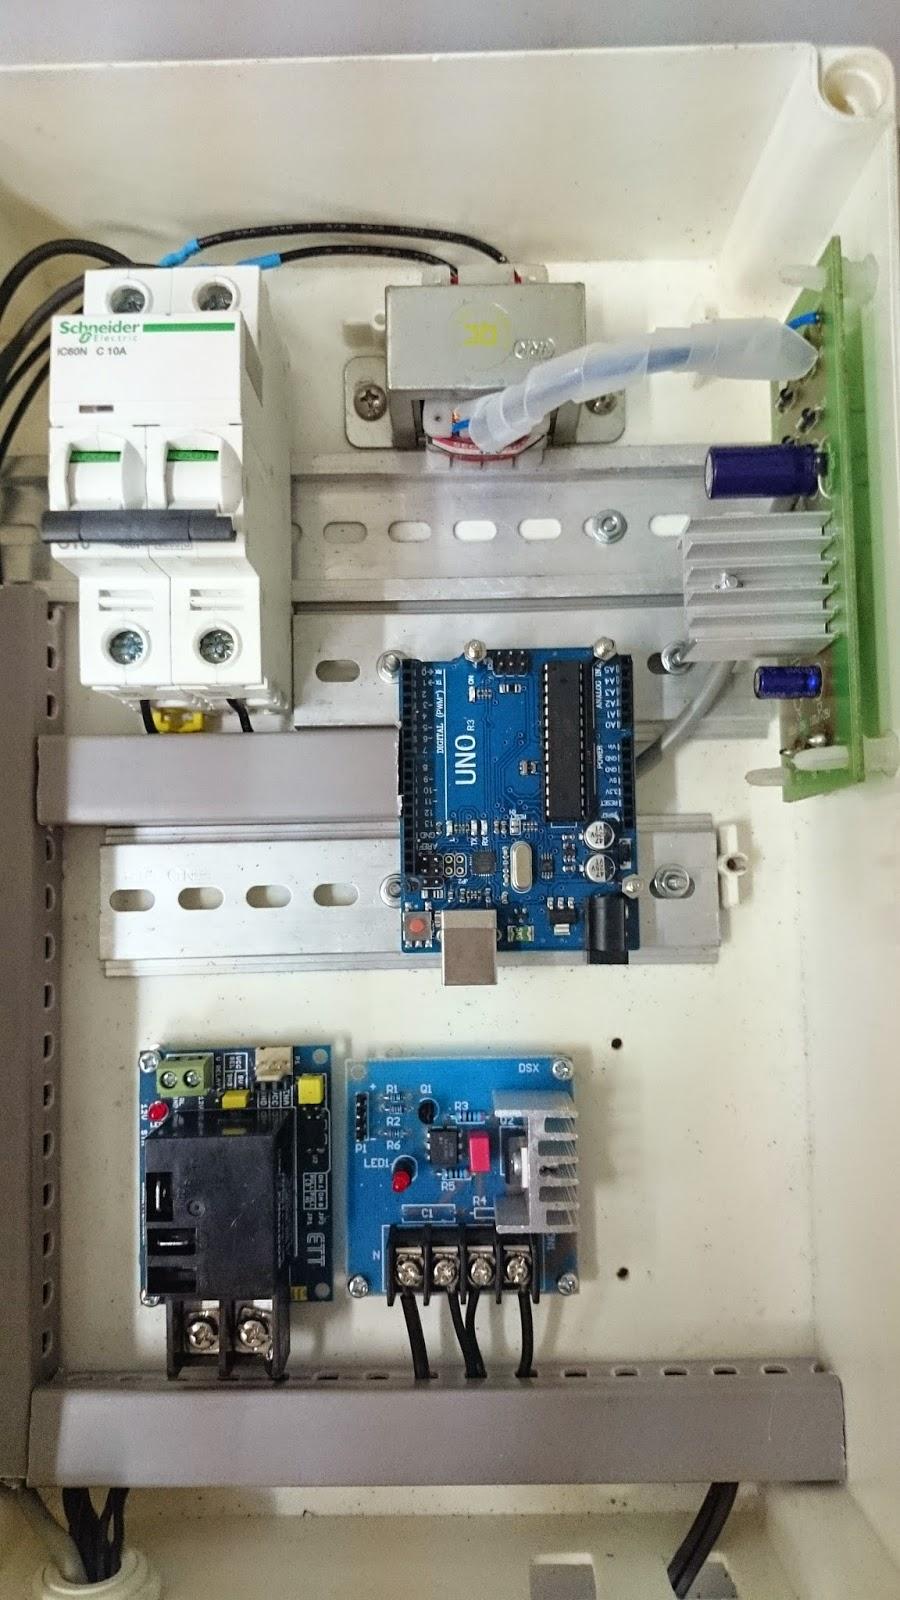 กล่องควบคุมโดยบอร์ด Arduino UNO (Control Box by Arduino UNO)